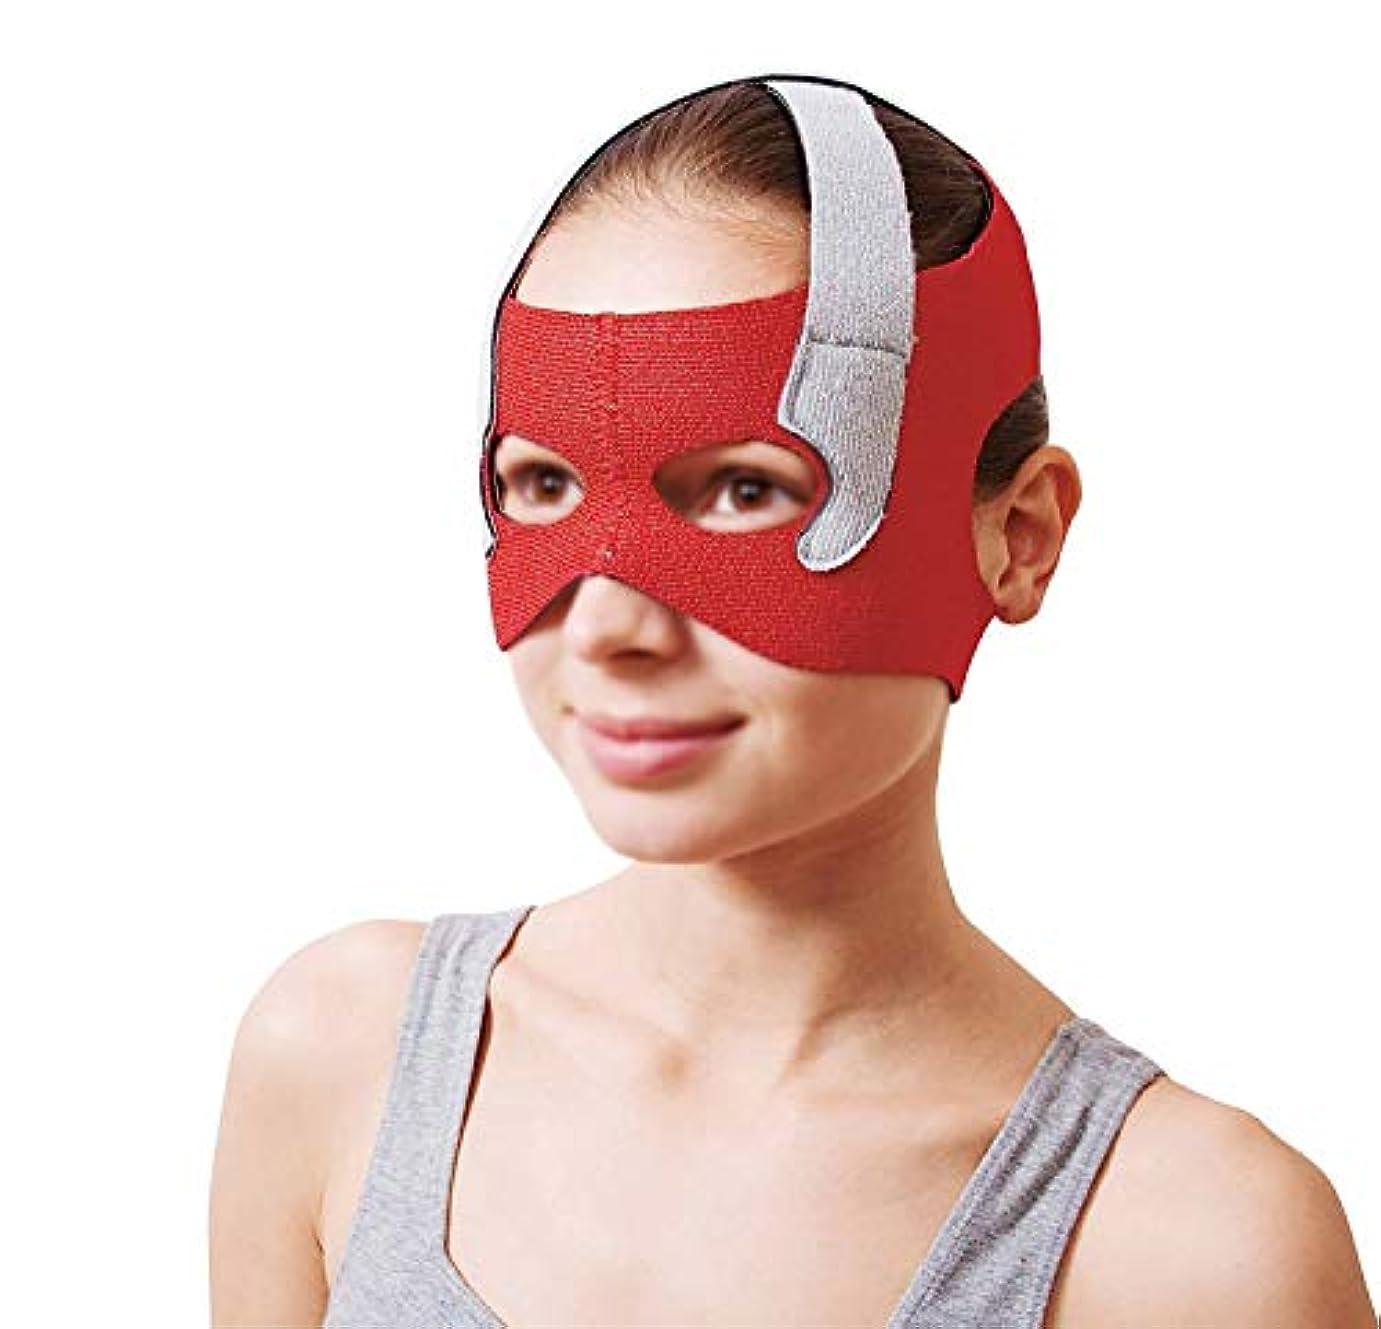 過言させる変更可能TLMY フェイシャルリフティングマスク回復包帯ヘッドギアマスクシンフェイスマスクアーティファクト美容ベルトフェイシャルとネックリフティングフェイシャル円周57-68 cm 顔用整形マスク